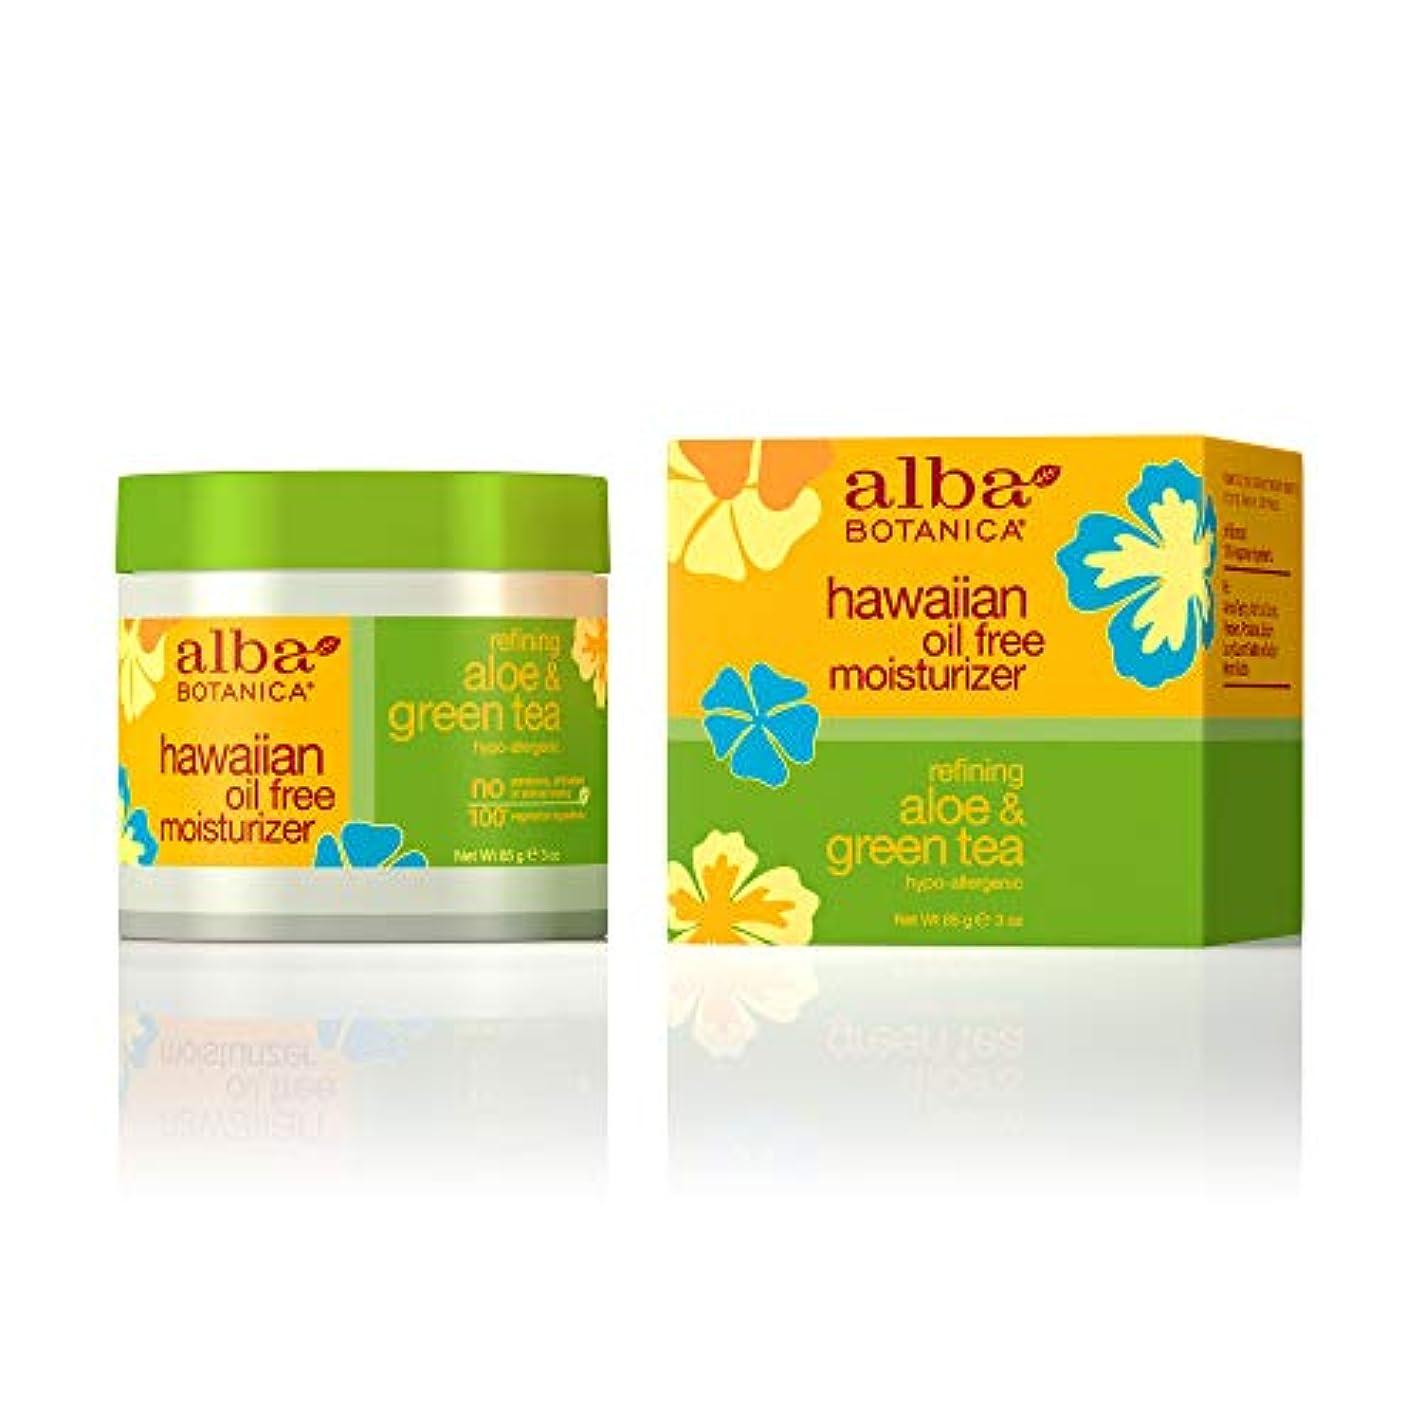 ポルトガル語成果過激派Alba Botanica, Aloe & Green Tea Oil-Free Moisturizer, 3 oz (85 g)